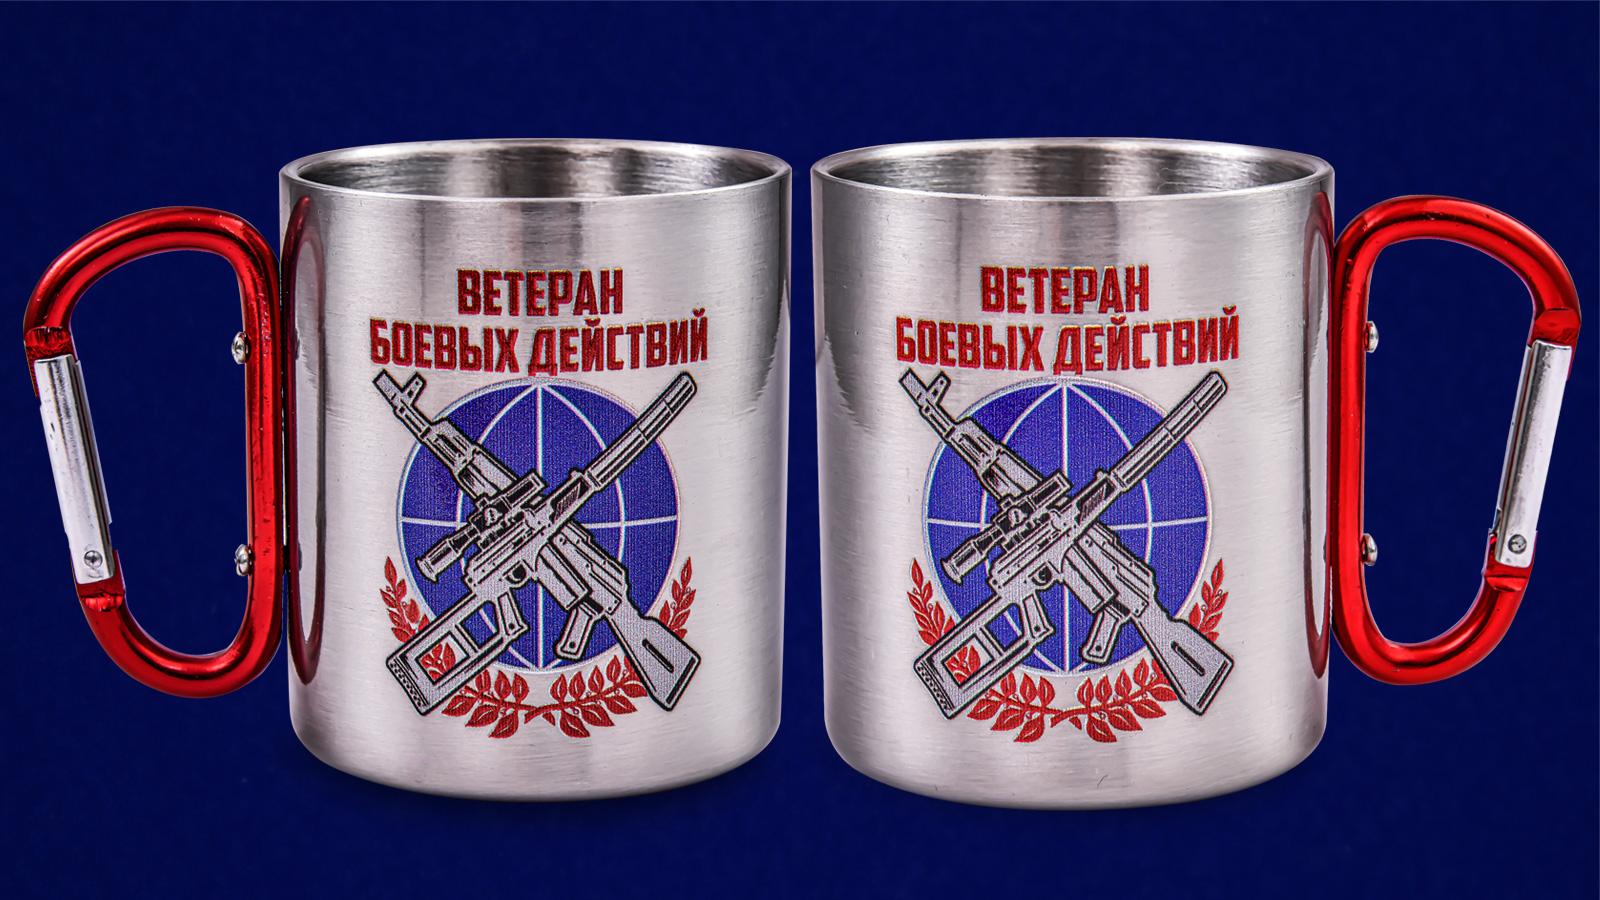 Подарочная кружка-карабин Ветеран боевых действий - купить недорого